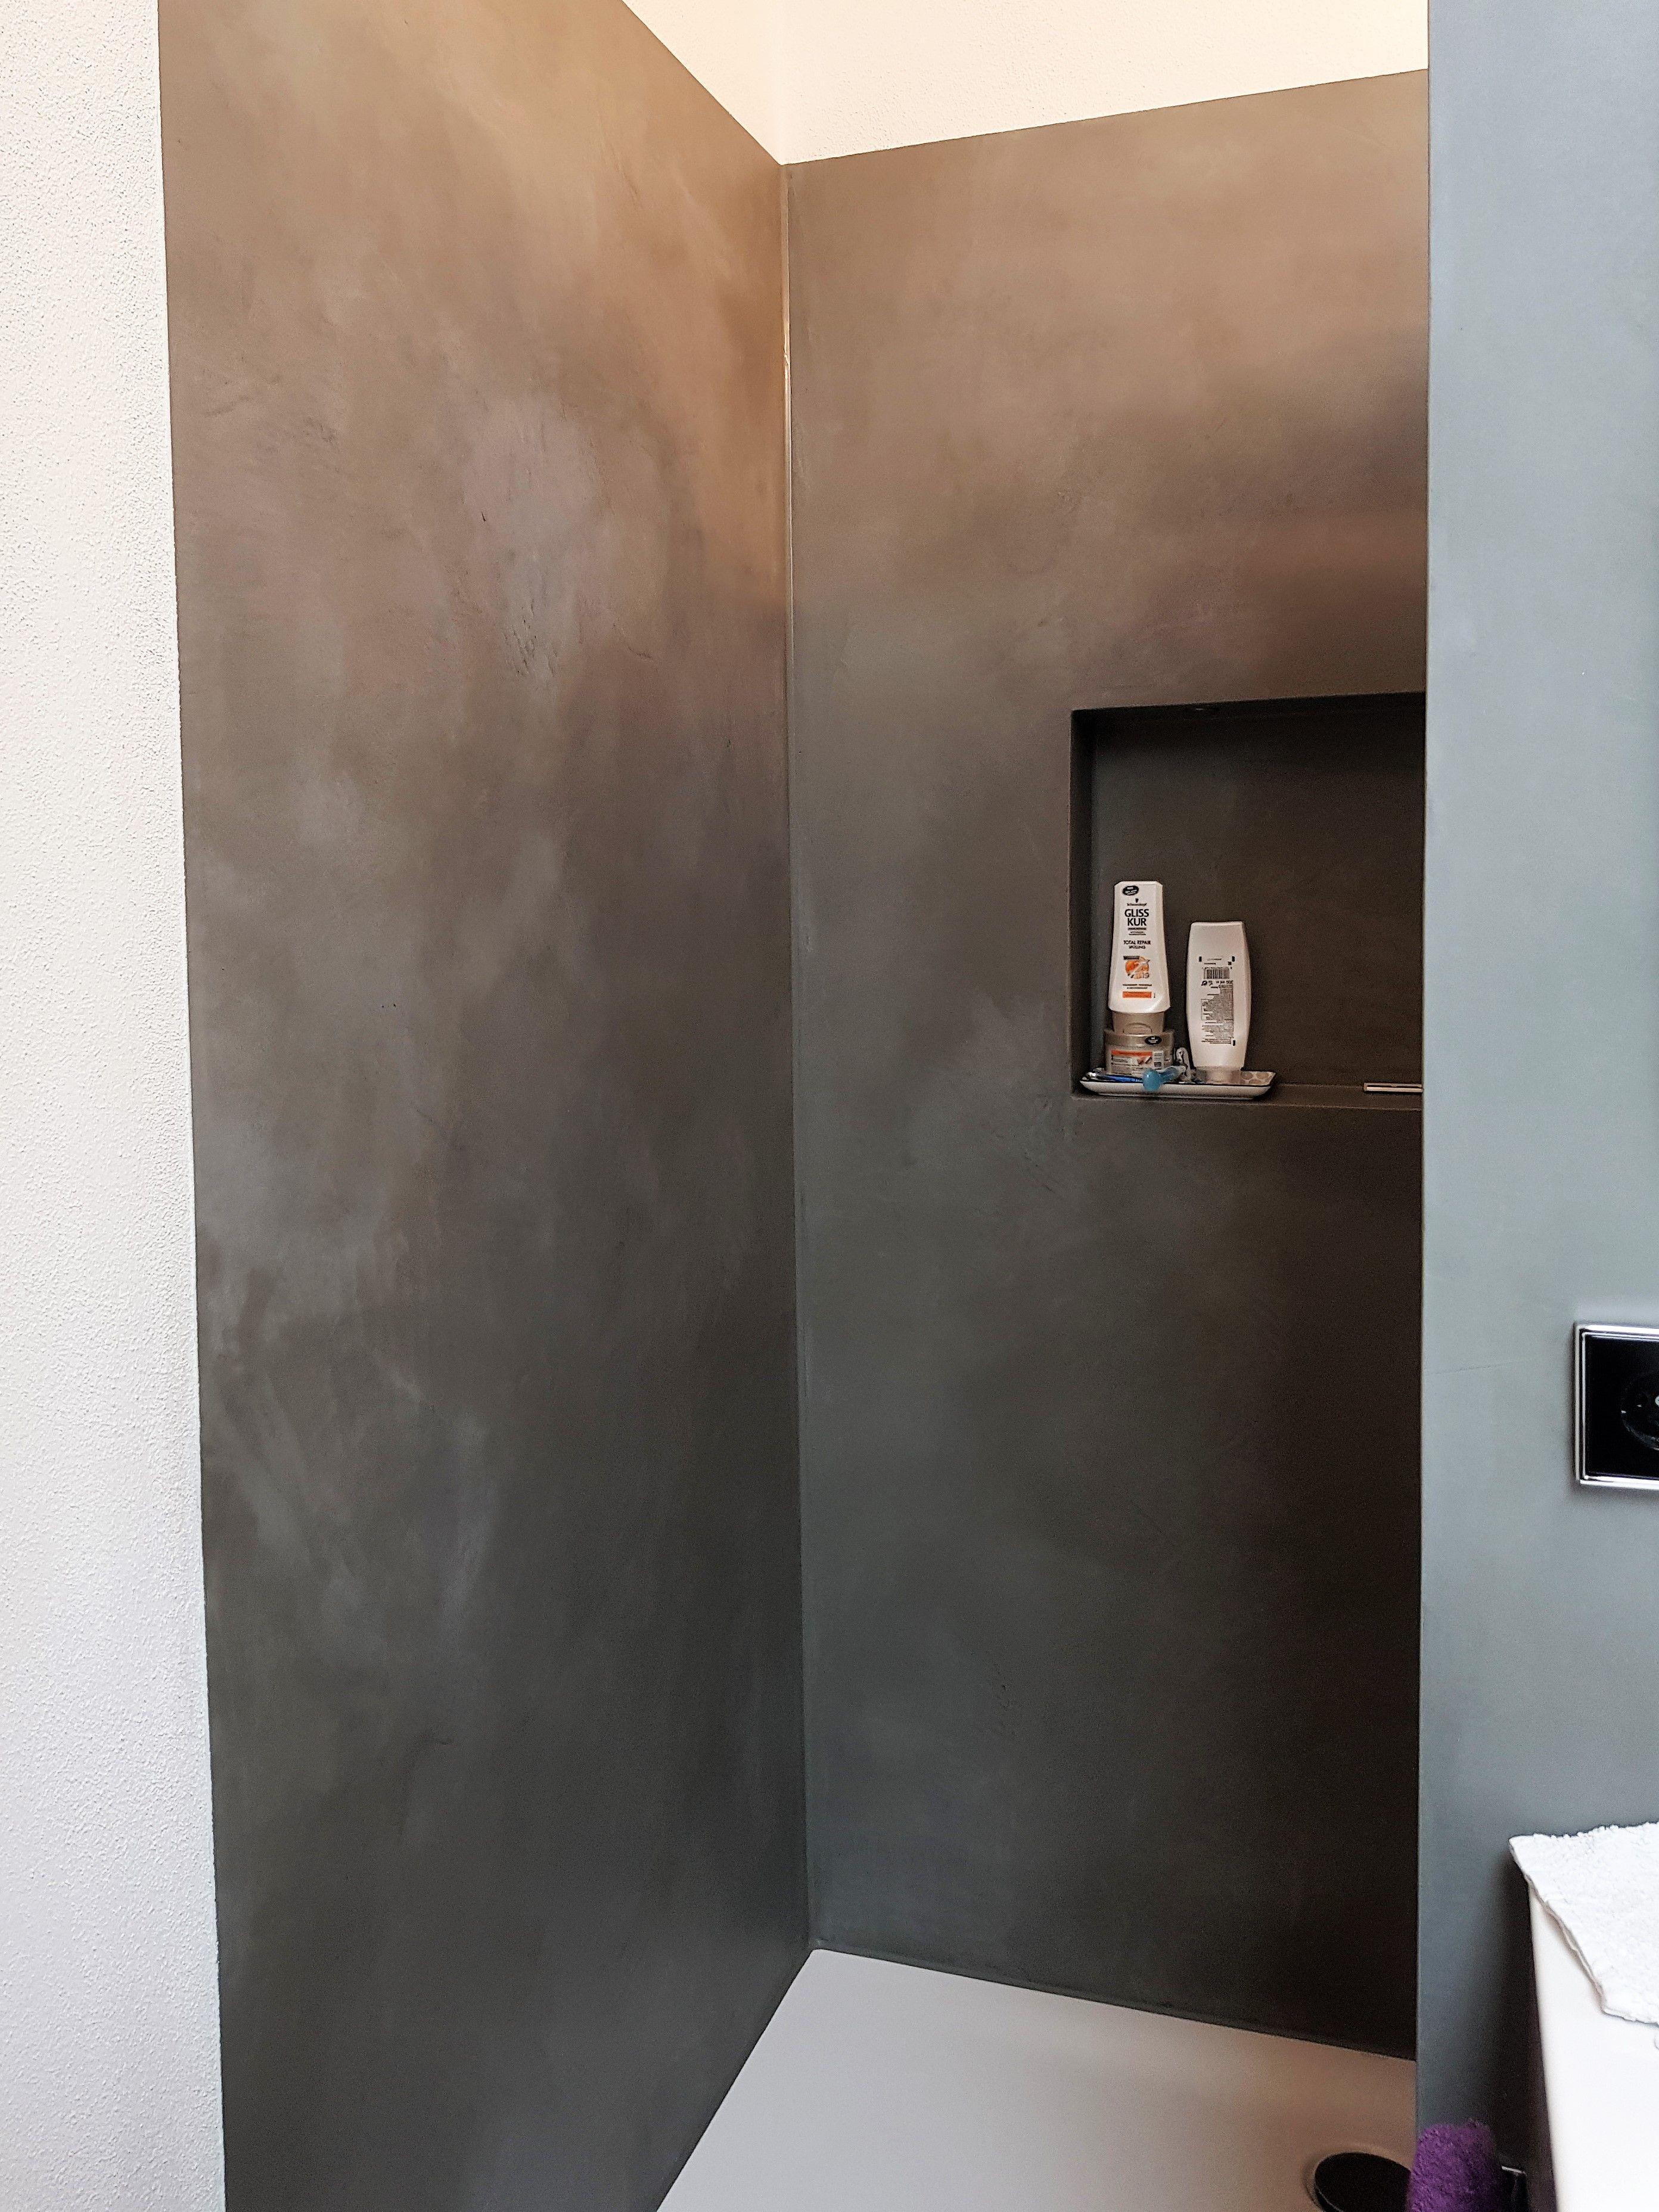 Badbeschichtung Mineralisch Crearev Lieferant Beton2 Kleines Badezimmer Umgestalten Badezimmer Umgestalten Badezimmer